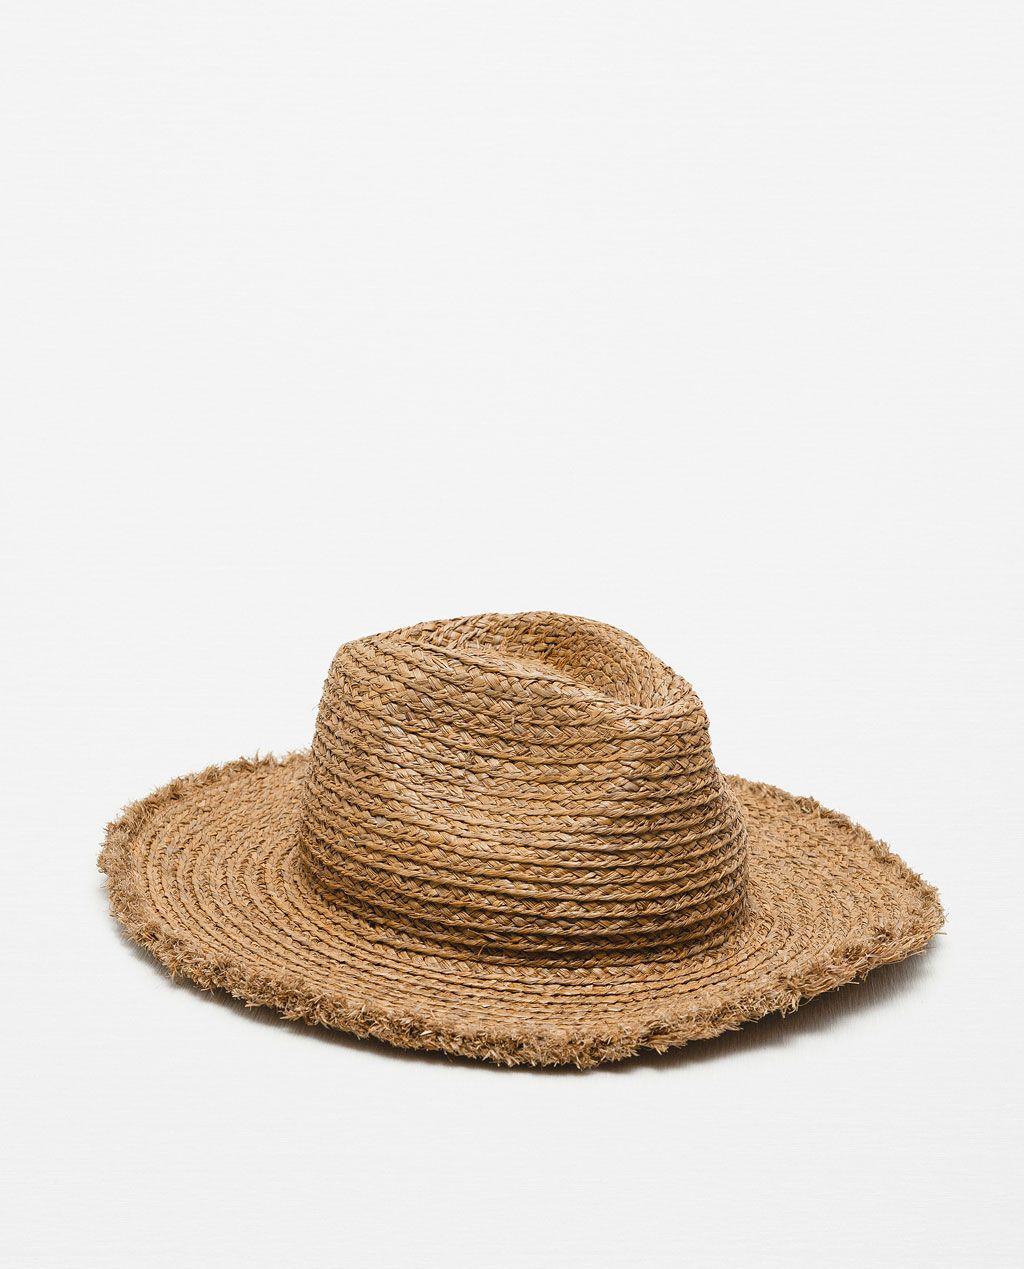 Wide Brim Straw Hat View All Accessories Man Mens Straw Hats Wide Brim Straw Hat Hats For Men